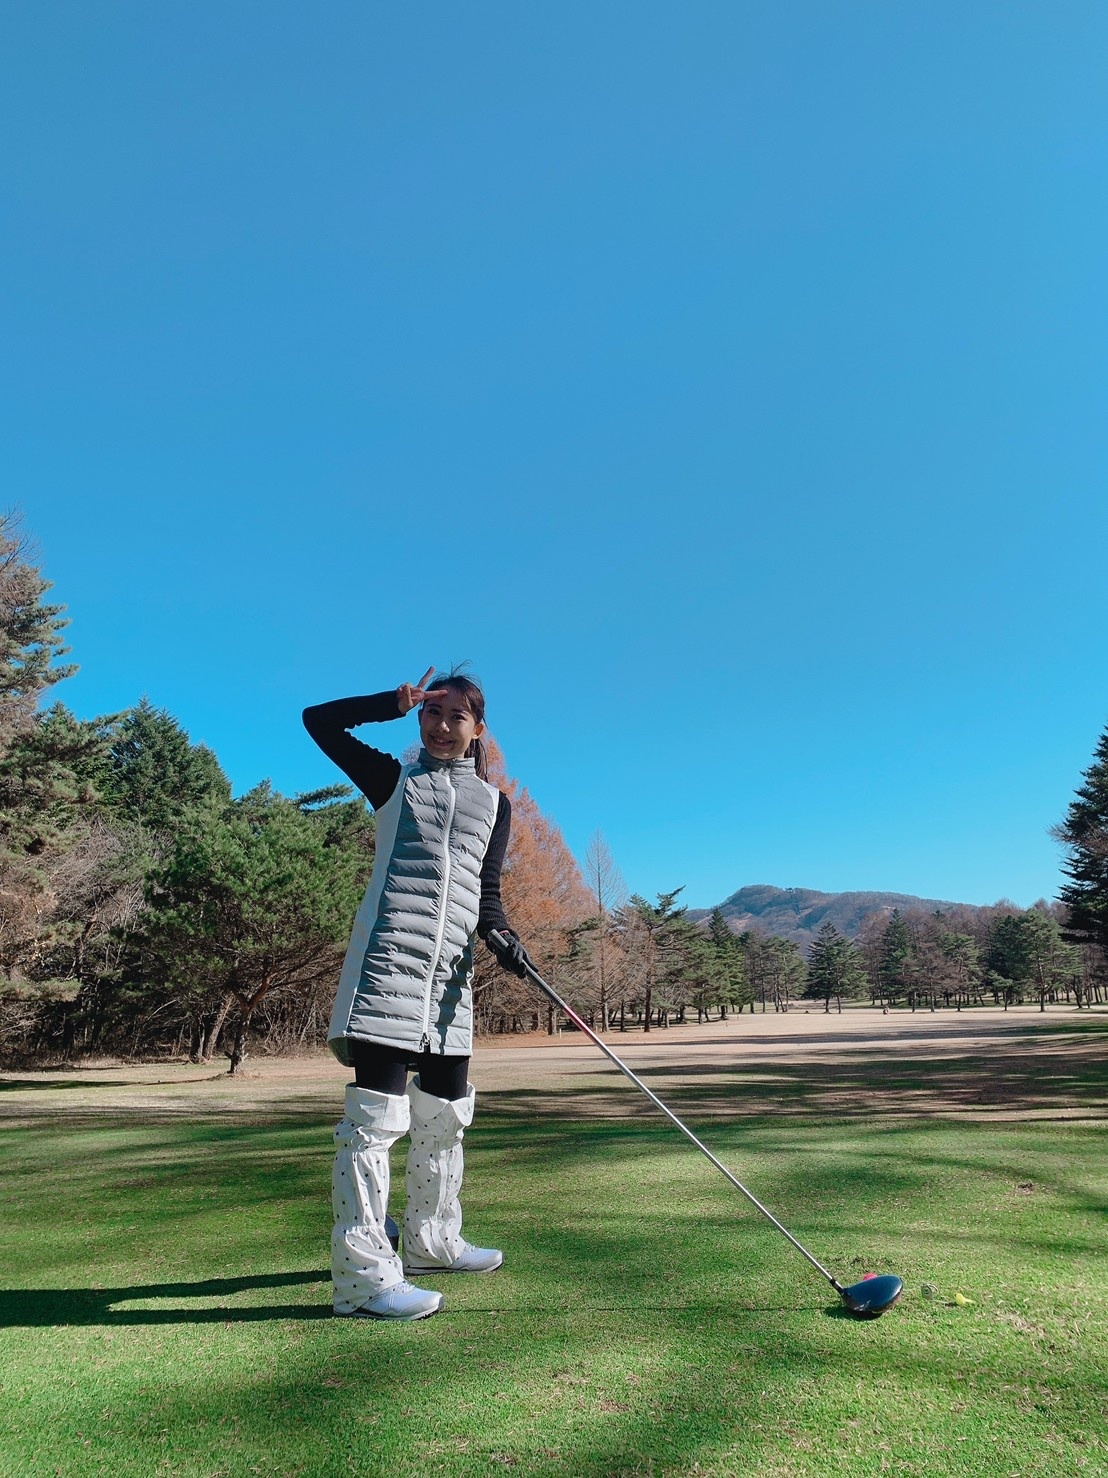 可愛いゴルフウェア紹介♡ソーシャルディスタンスで楽しめます_1_5